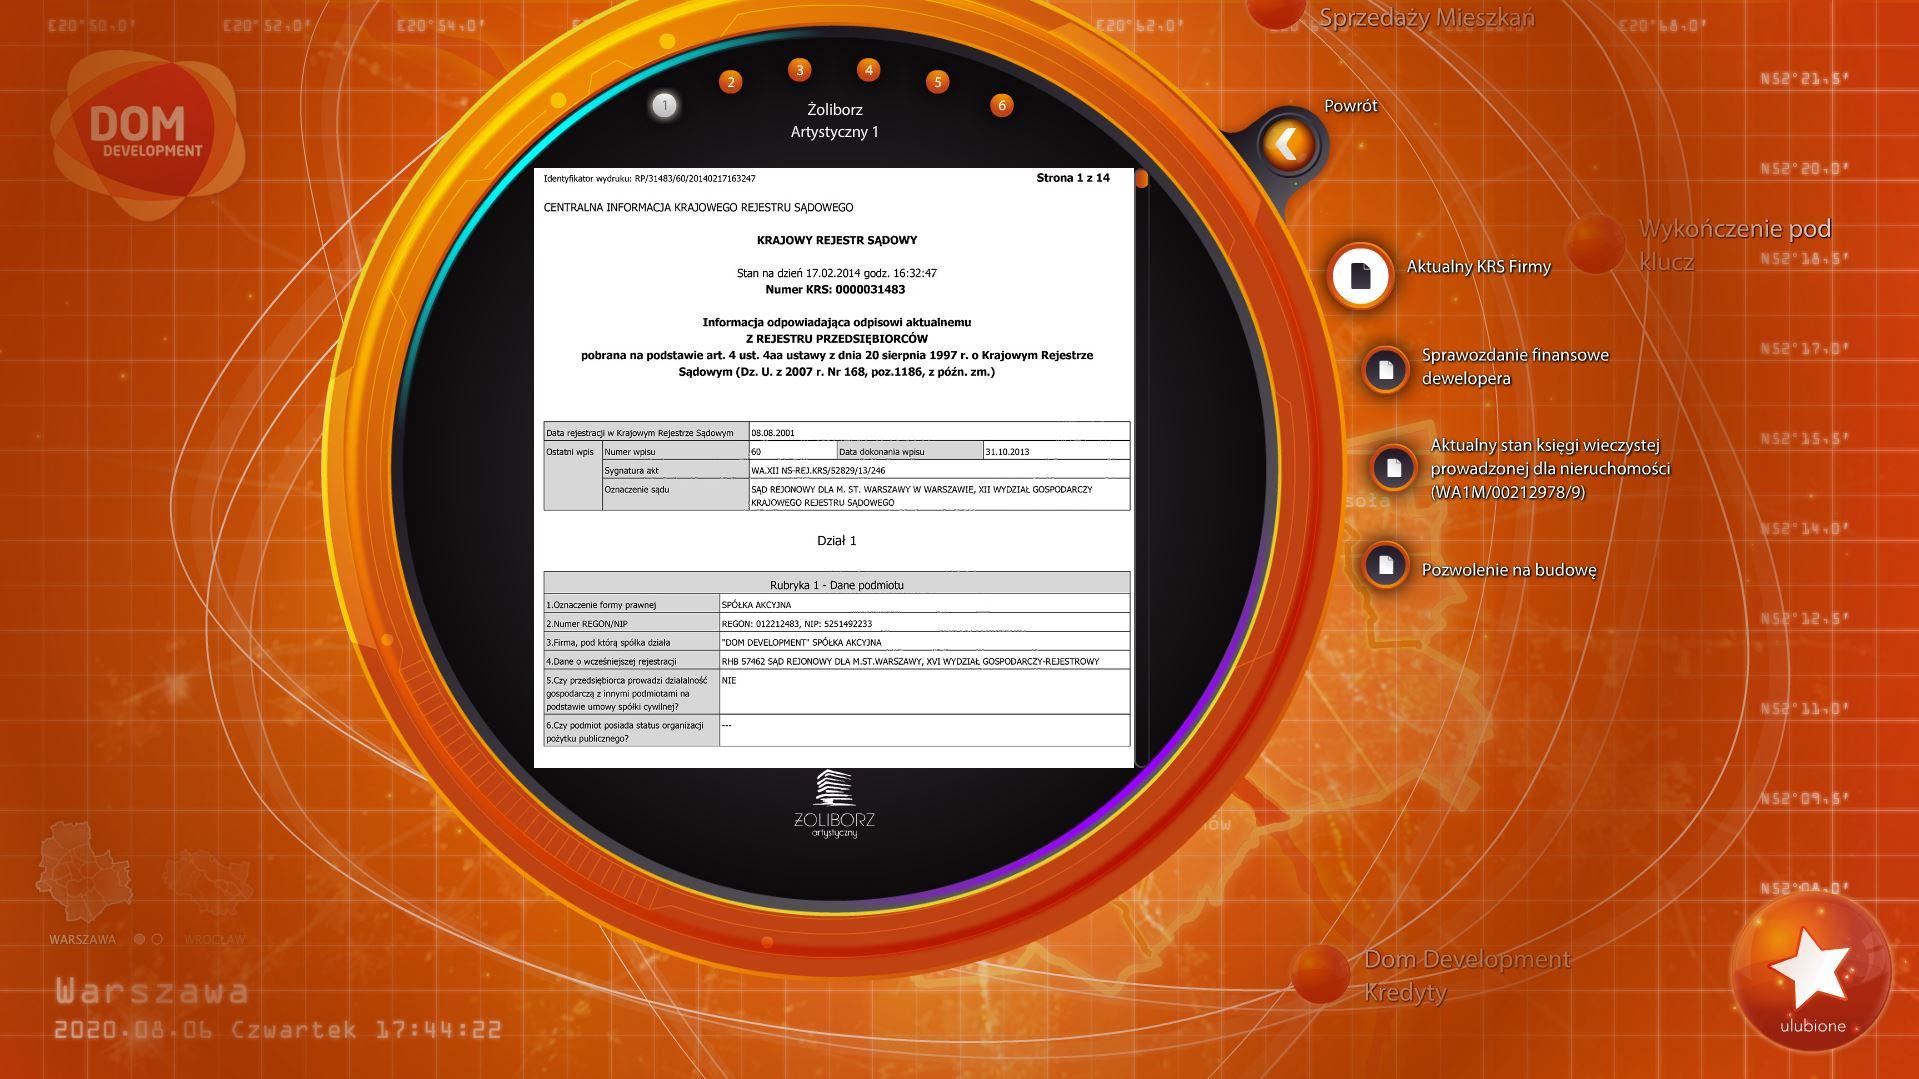 Widok z aplikacji Senseboard, Dom Development